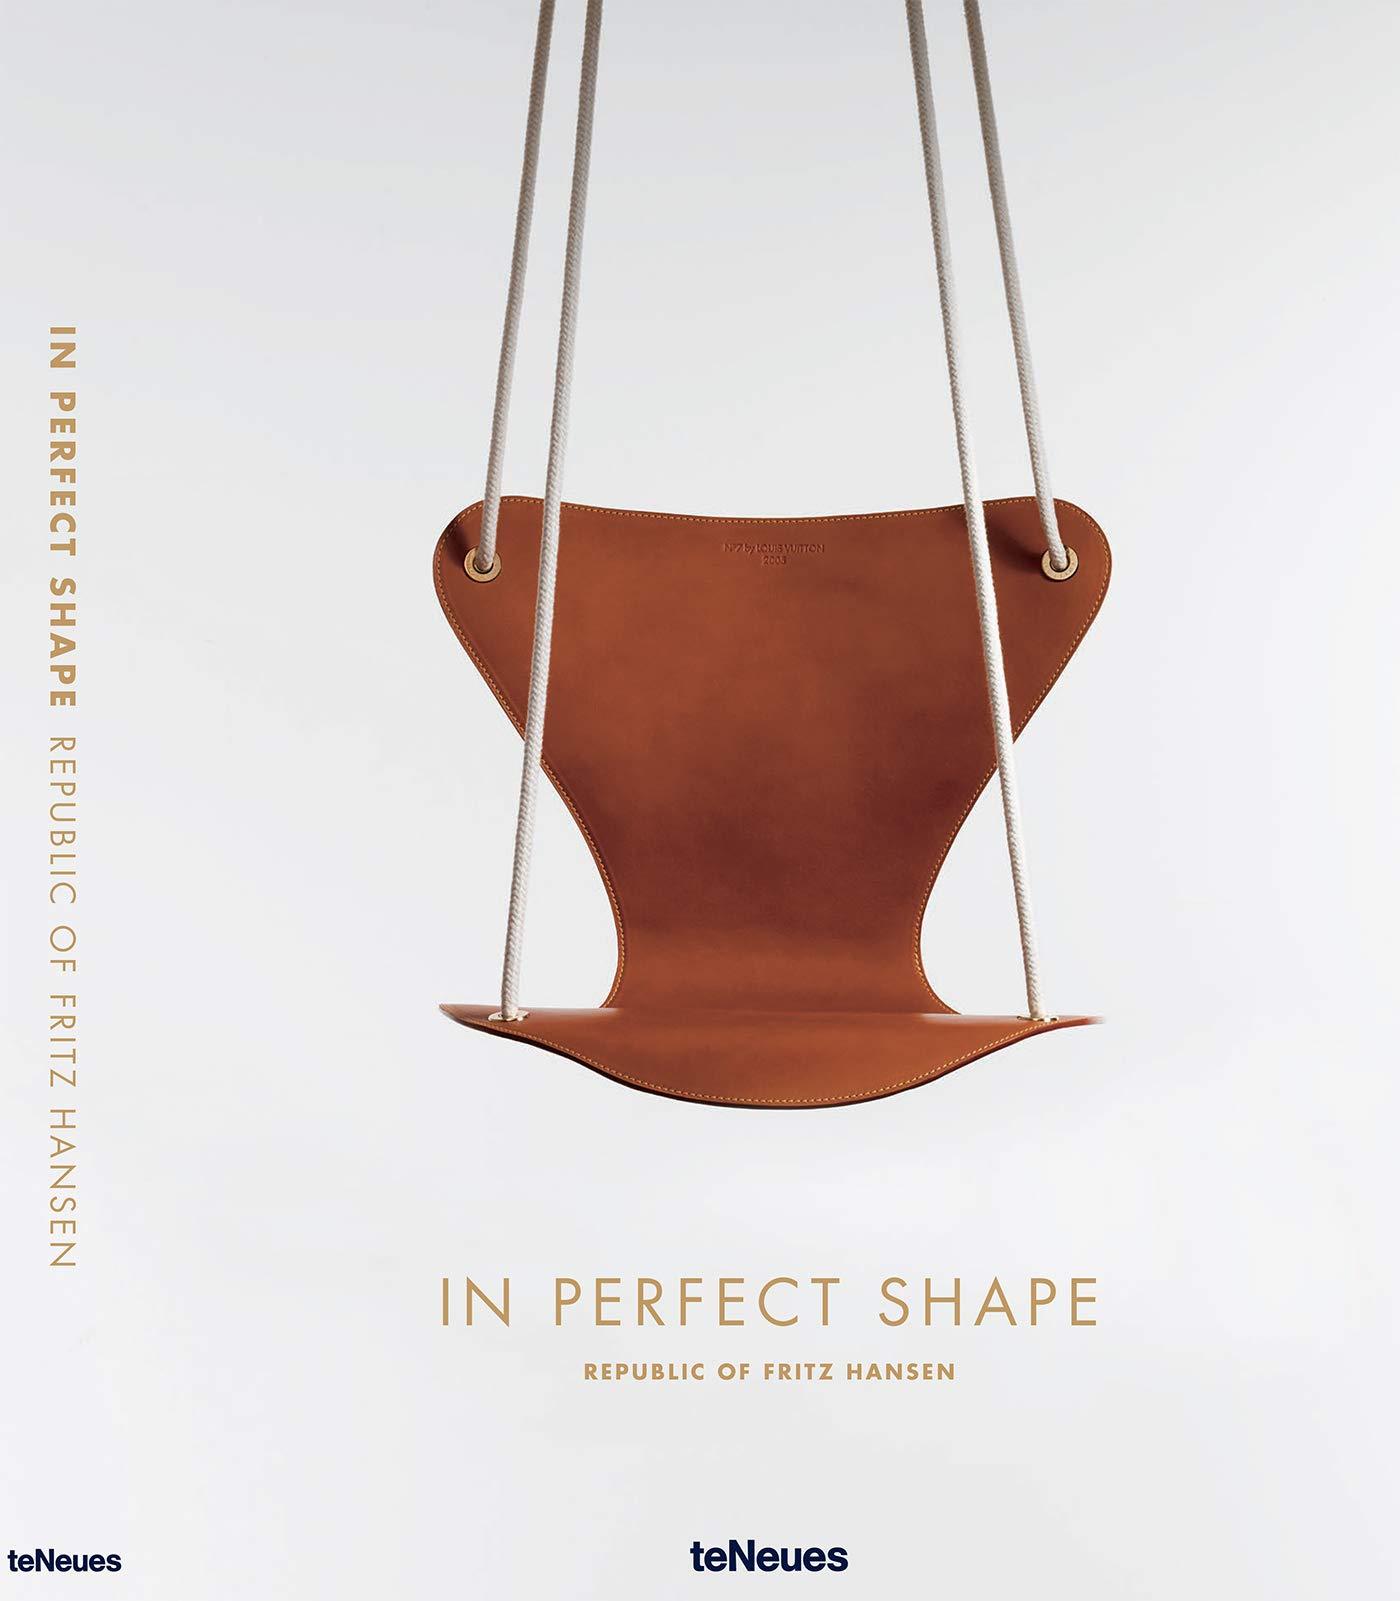 In Perfect Shape Skandinavisches Design Der Firma Fritz Hansen In Einem Stilsicheren Bildband  Mit Texten Auf Englisch    25x32 Cm 224 Seiten